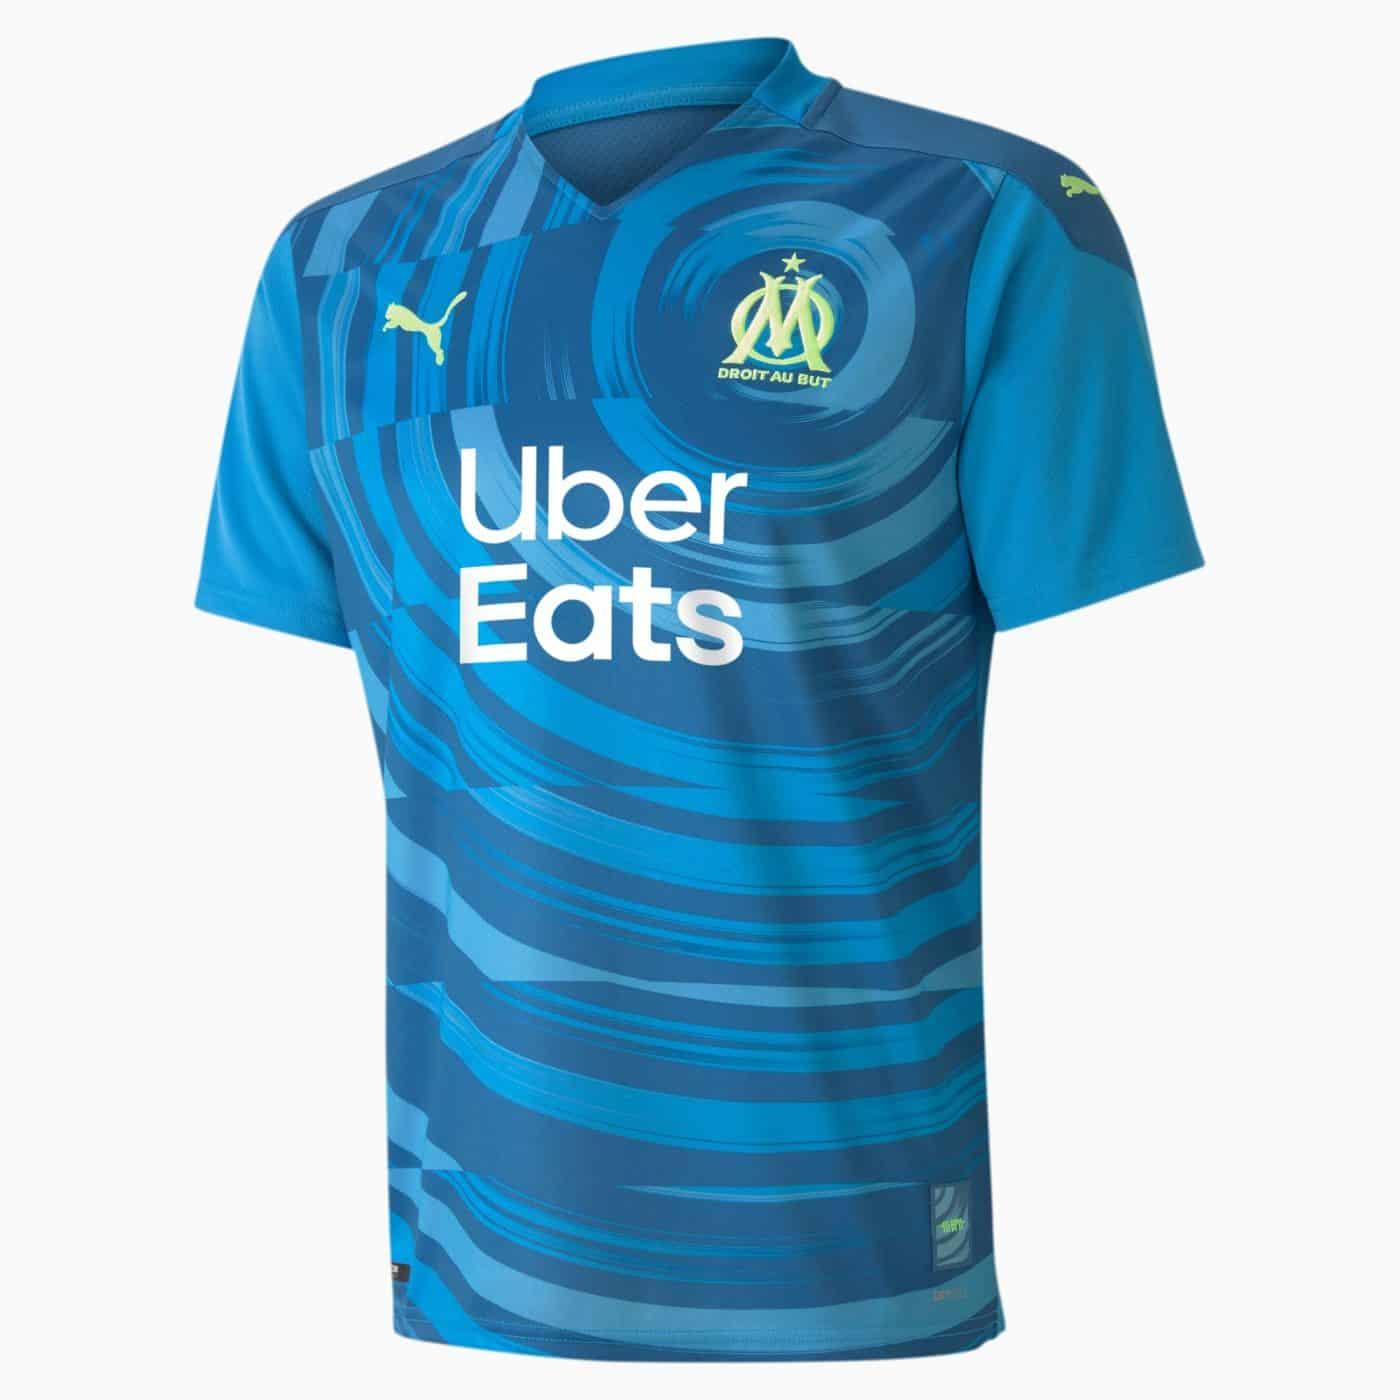 maillot-om-third-2020-2021